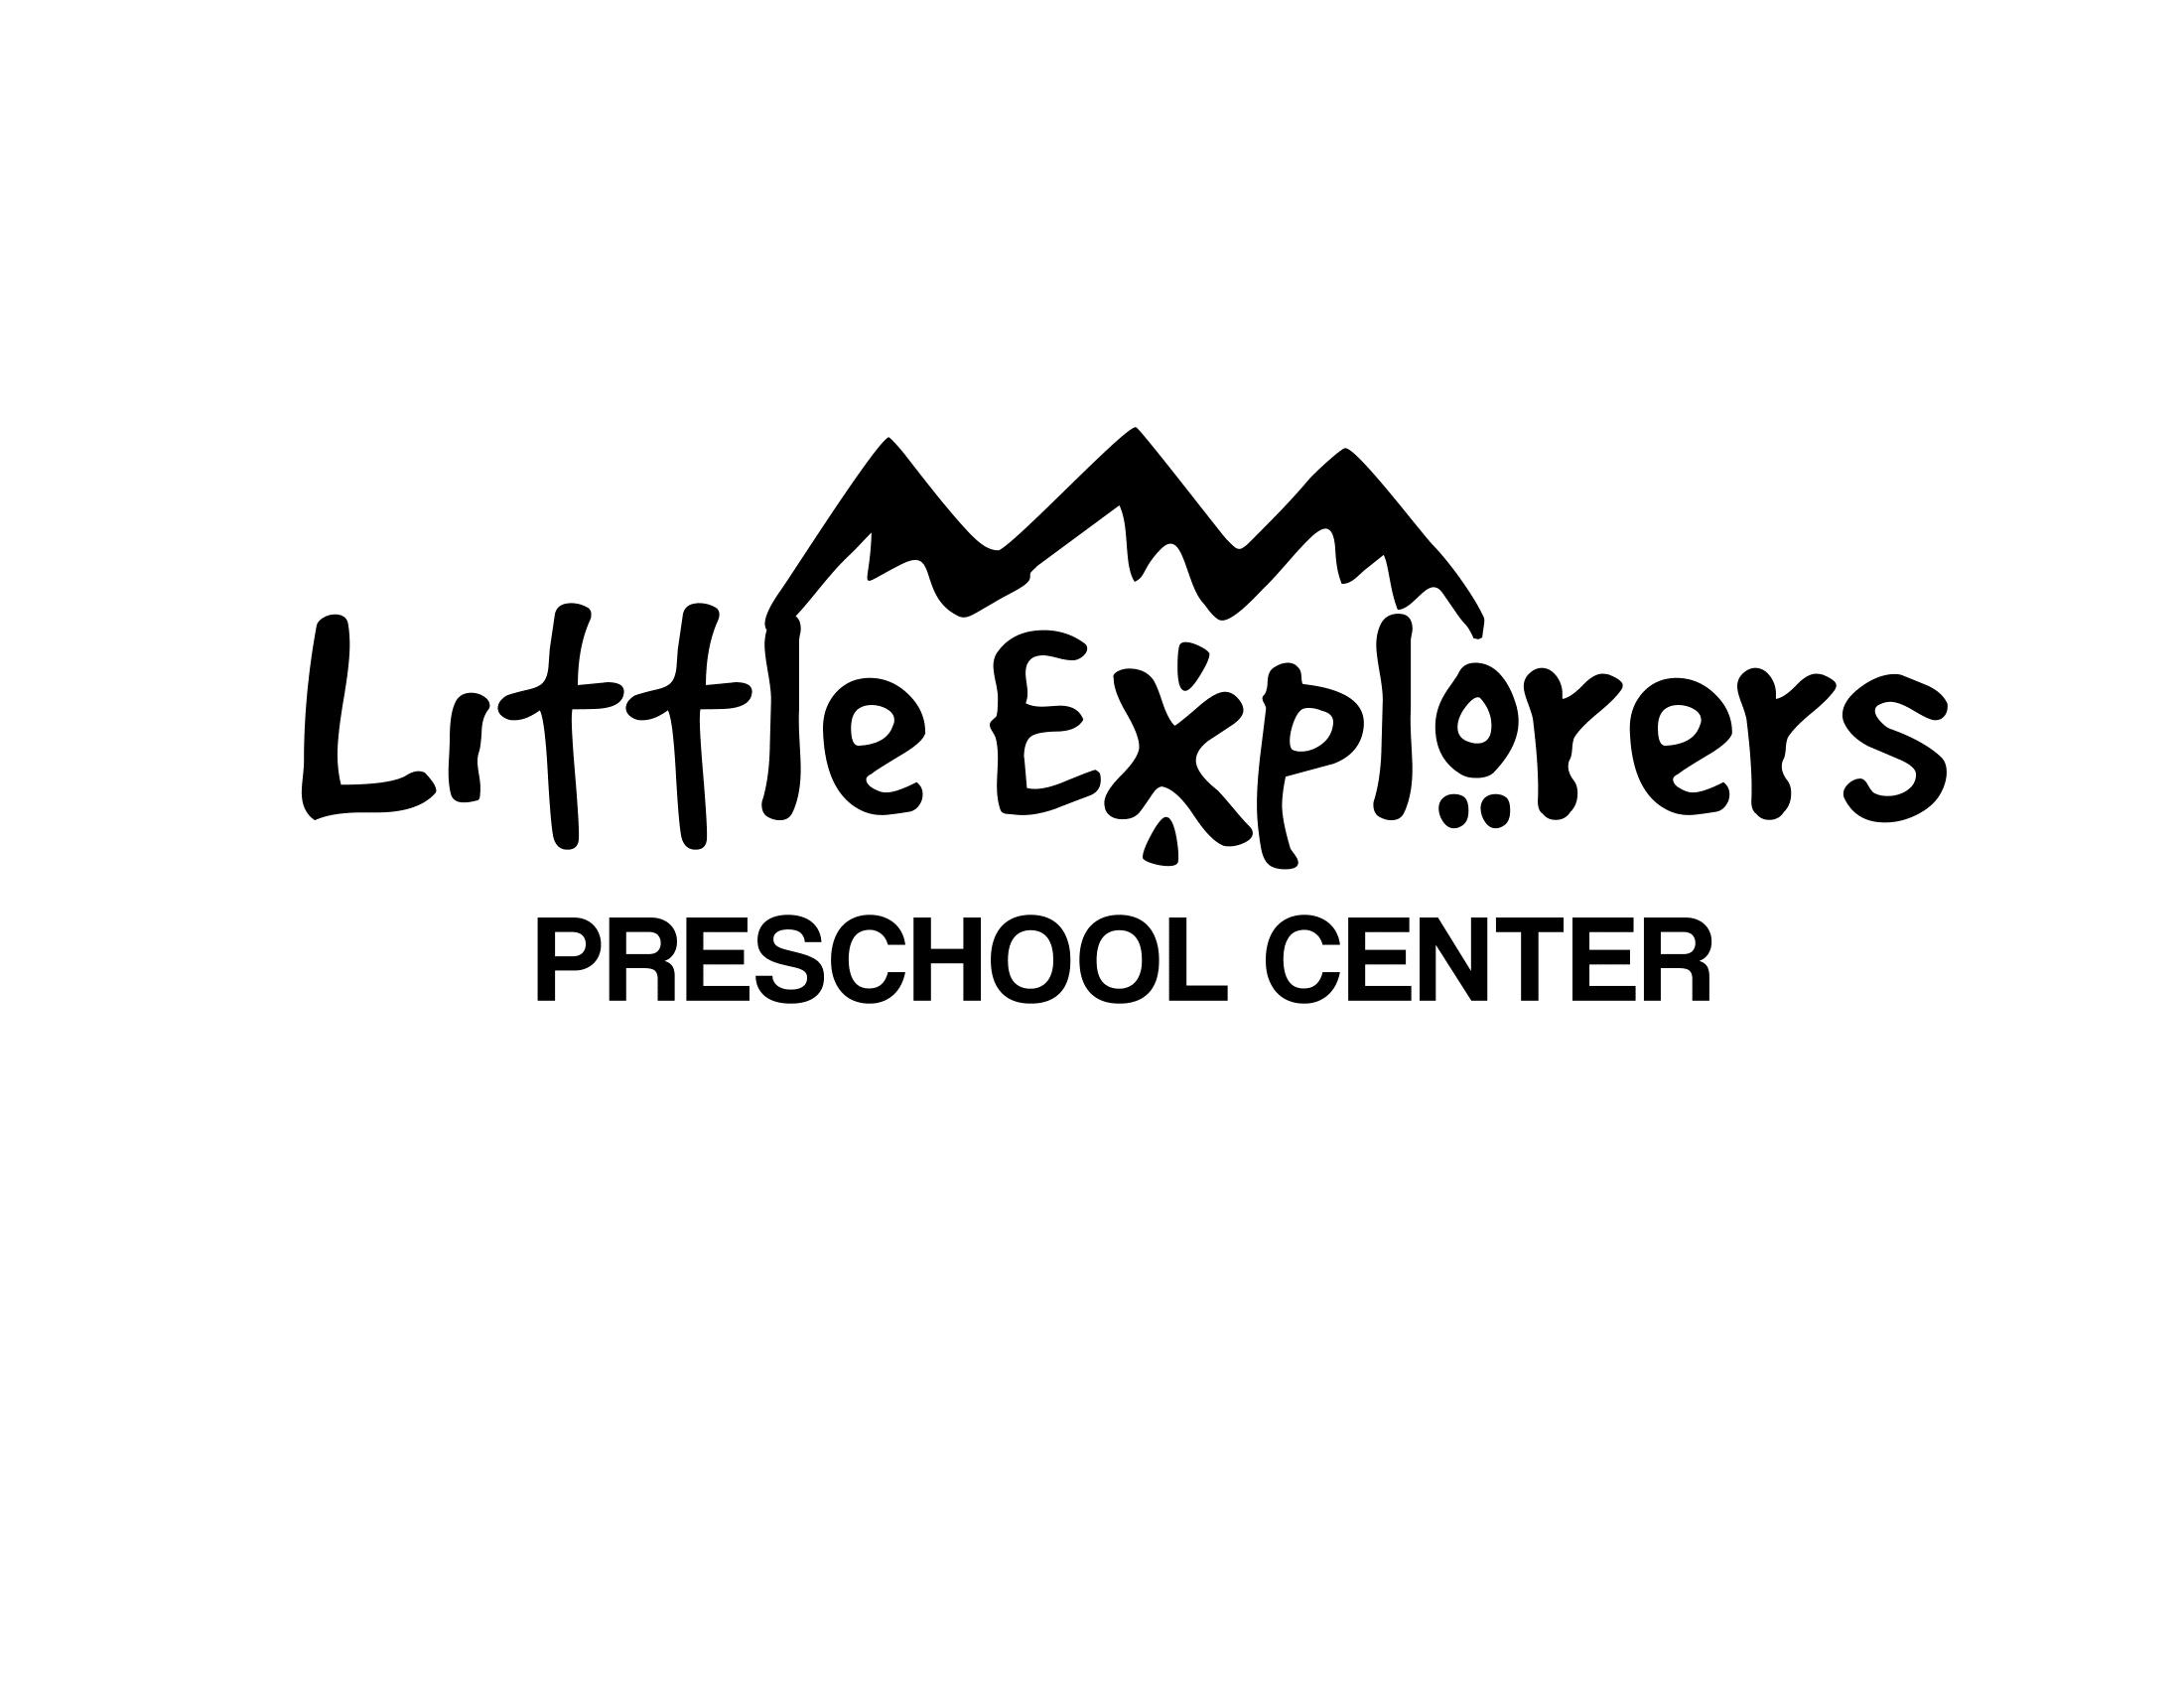 Little Explorers Preschool Center